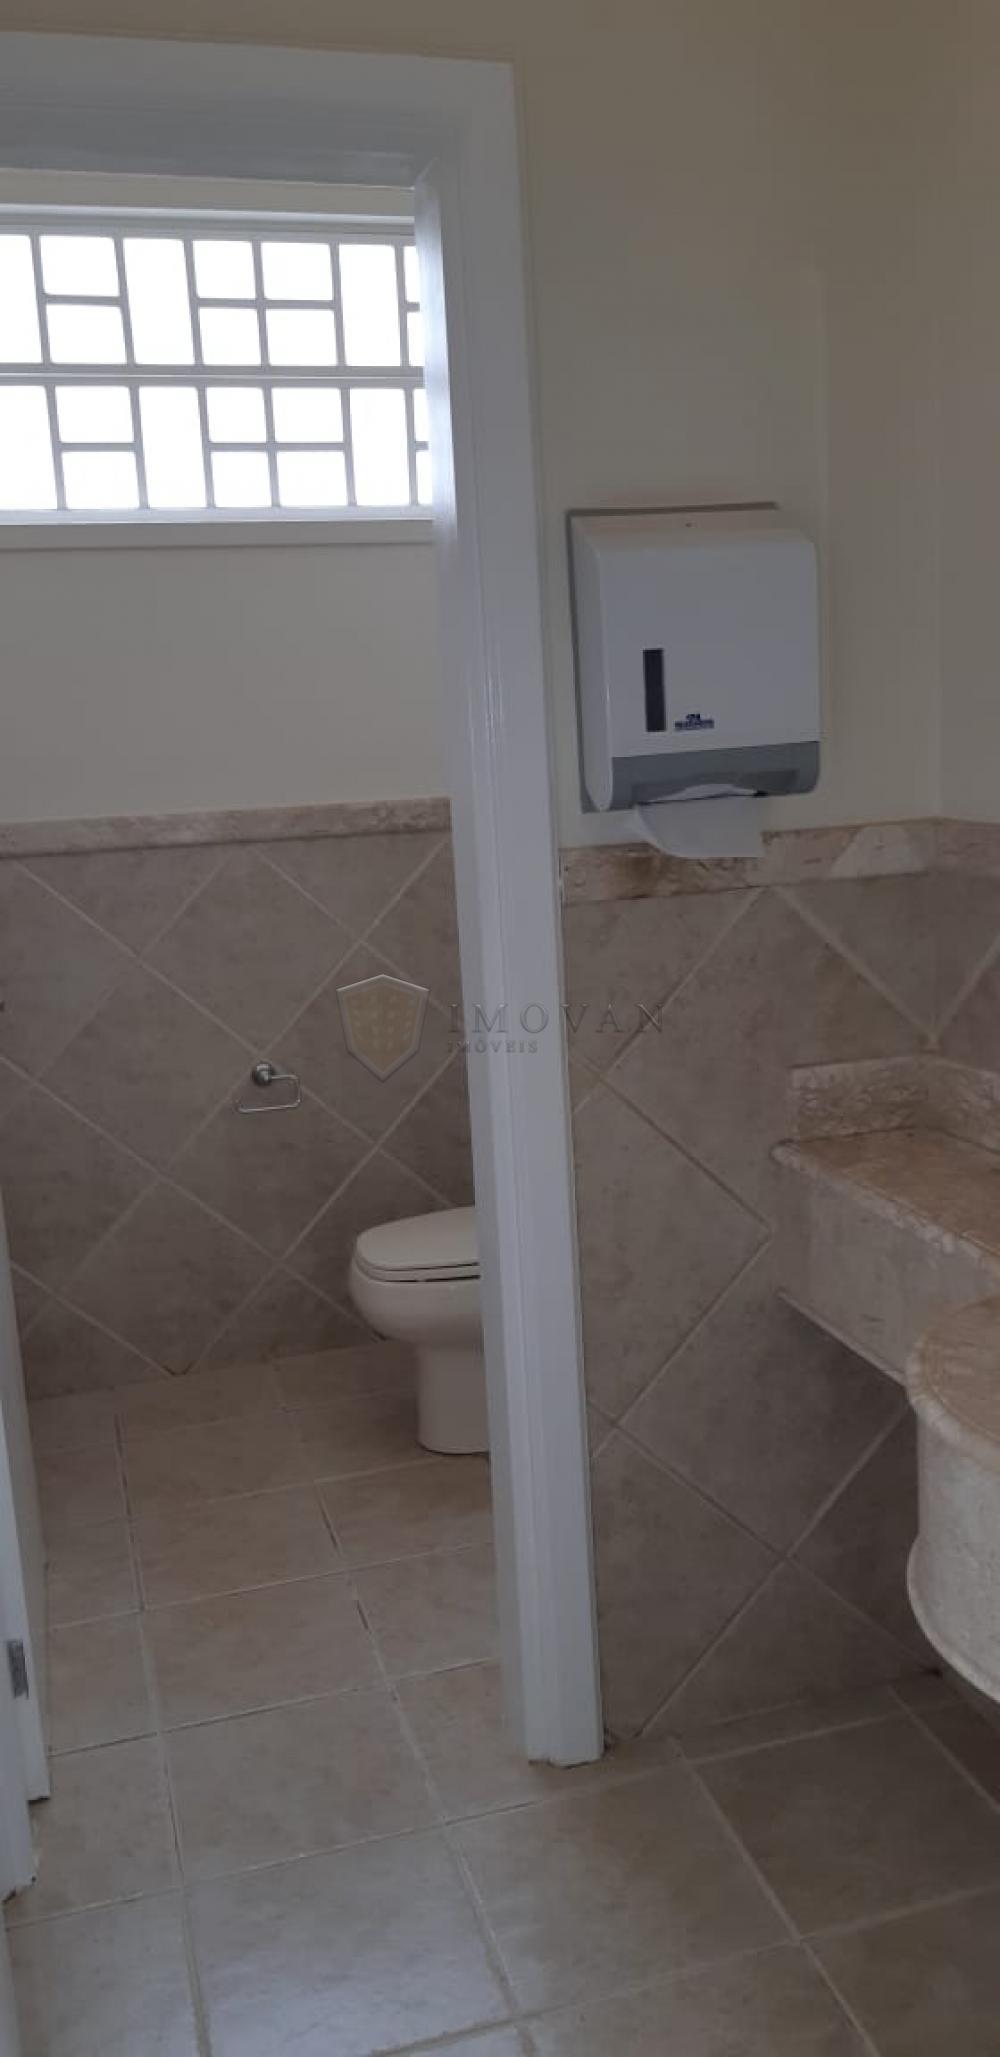 Alugar Comercial / Ponto Comercial em Ribeirão Preto apenas R$ 10.000,00 - Foto 15